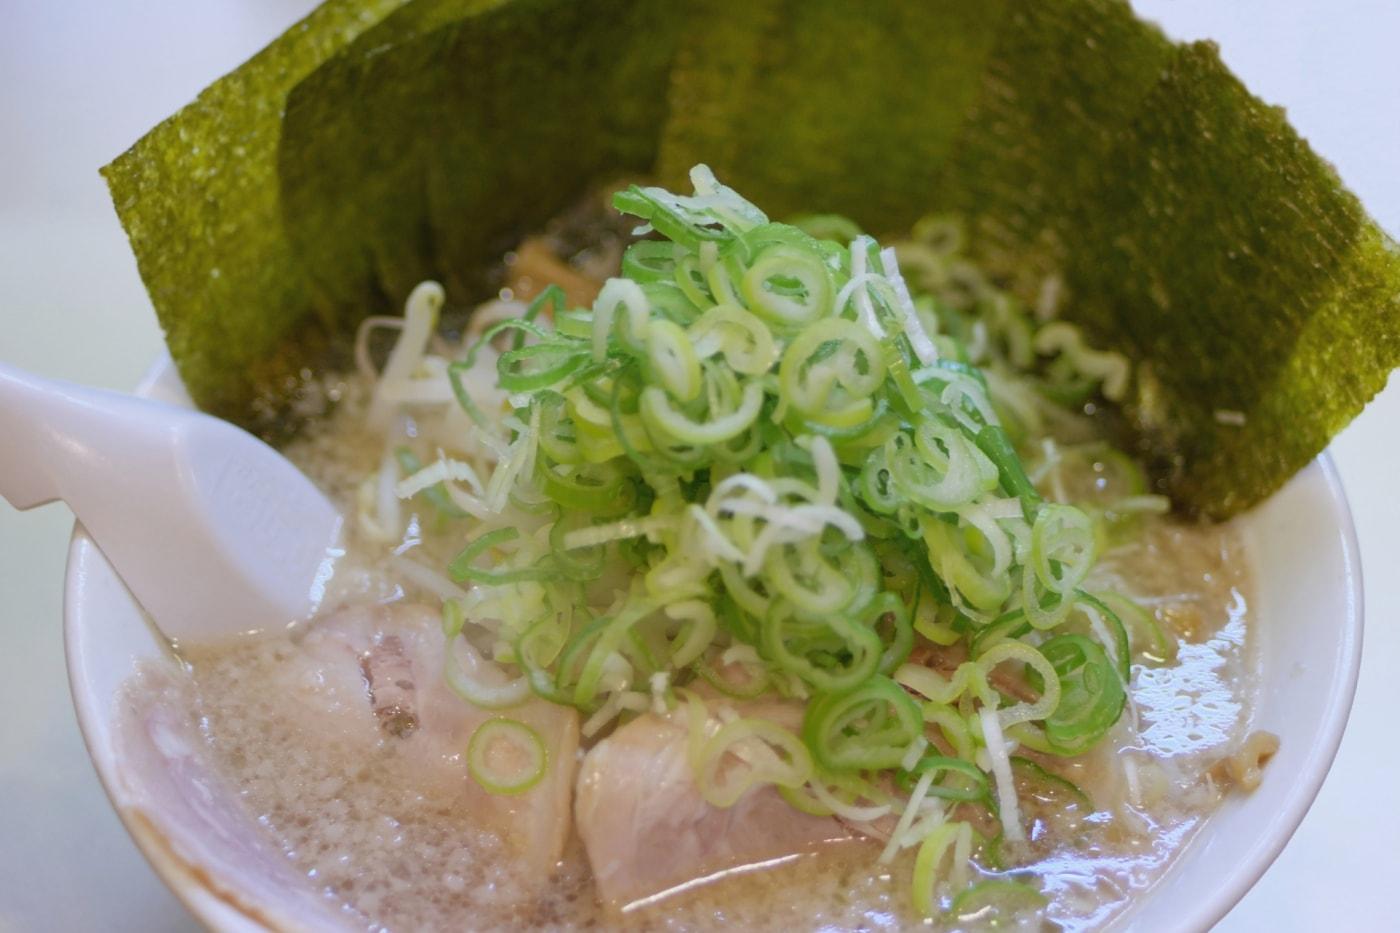 大宮おすすめラーメン屋ランキングTOP9!煮干し系や絶品つけ麺が名物のお店も